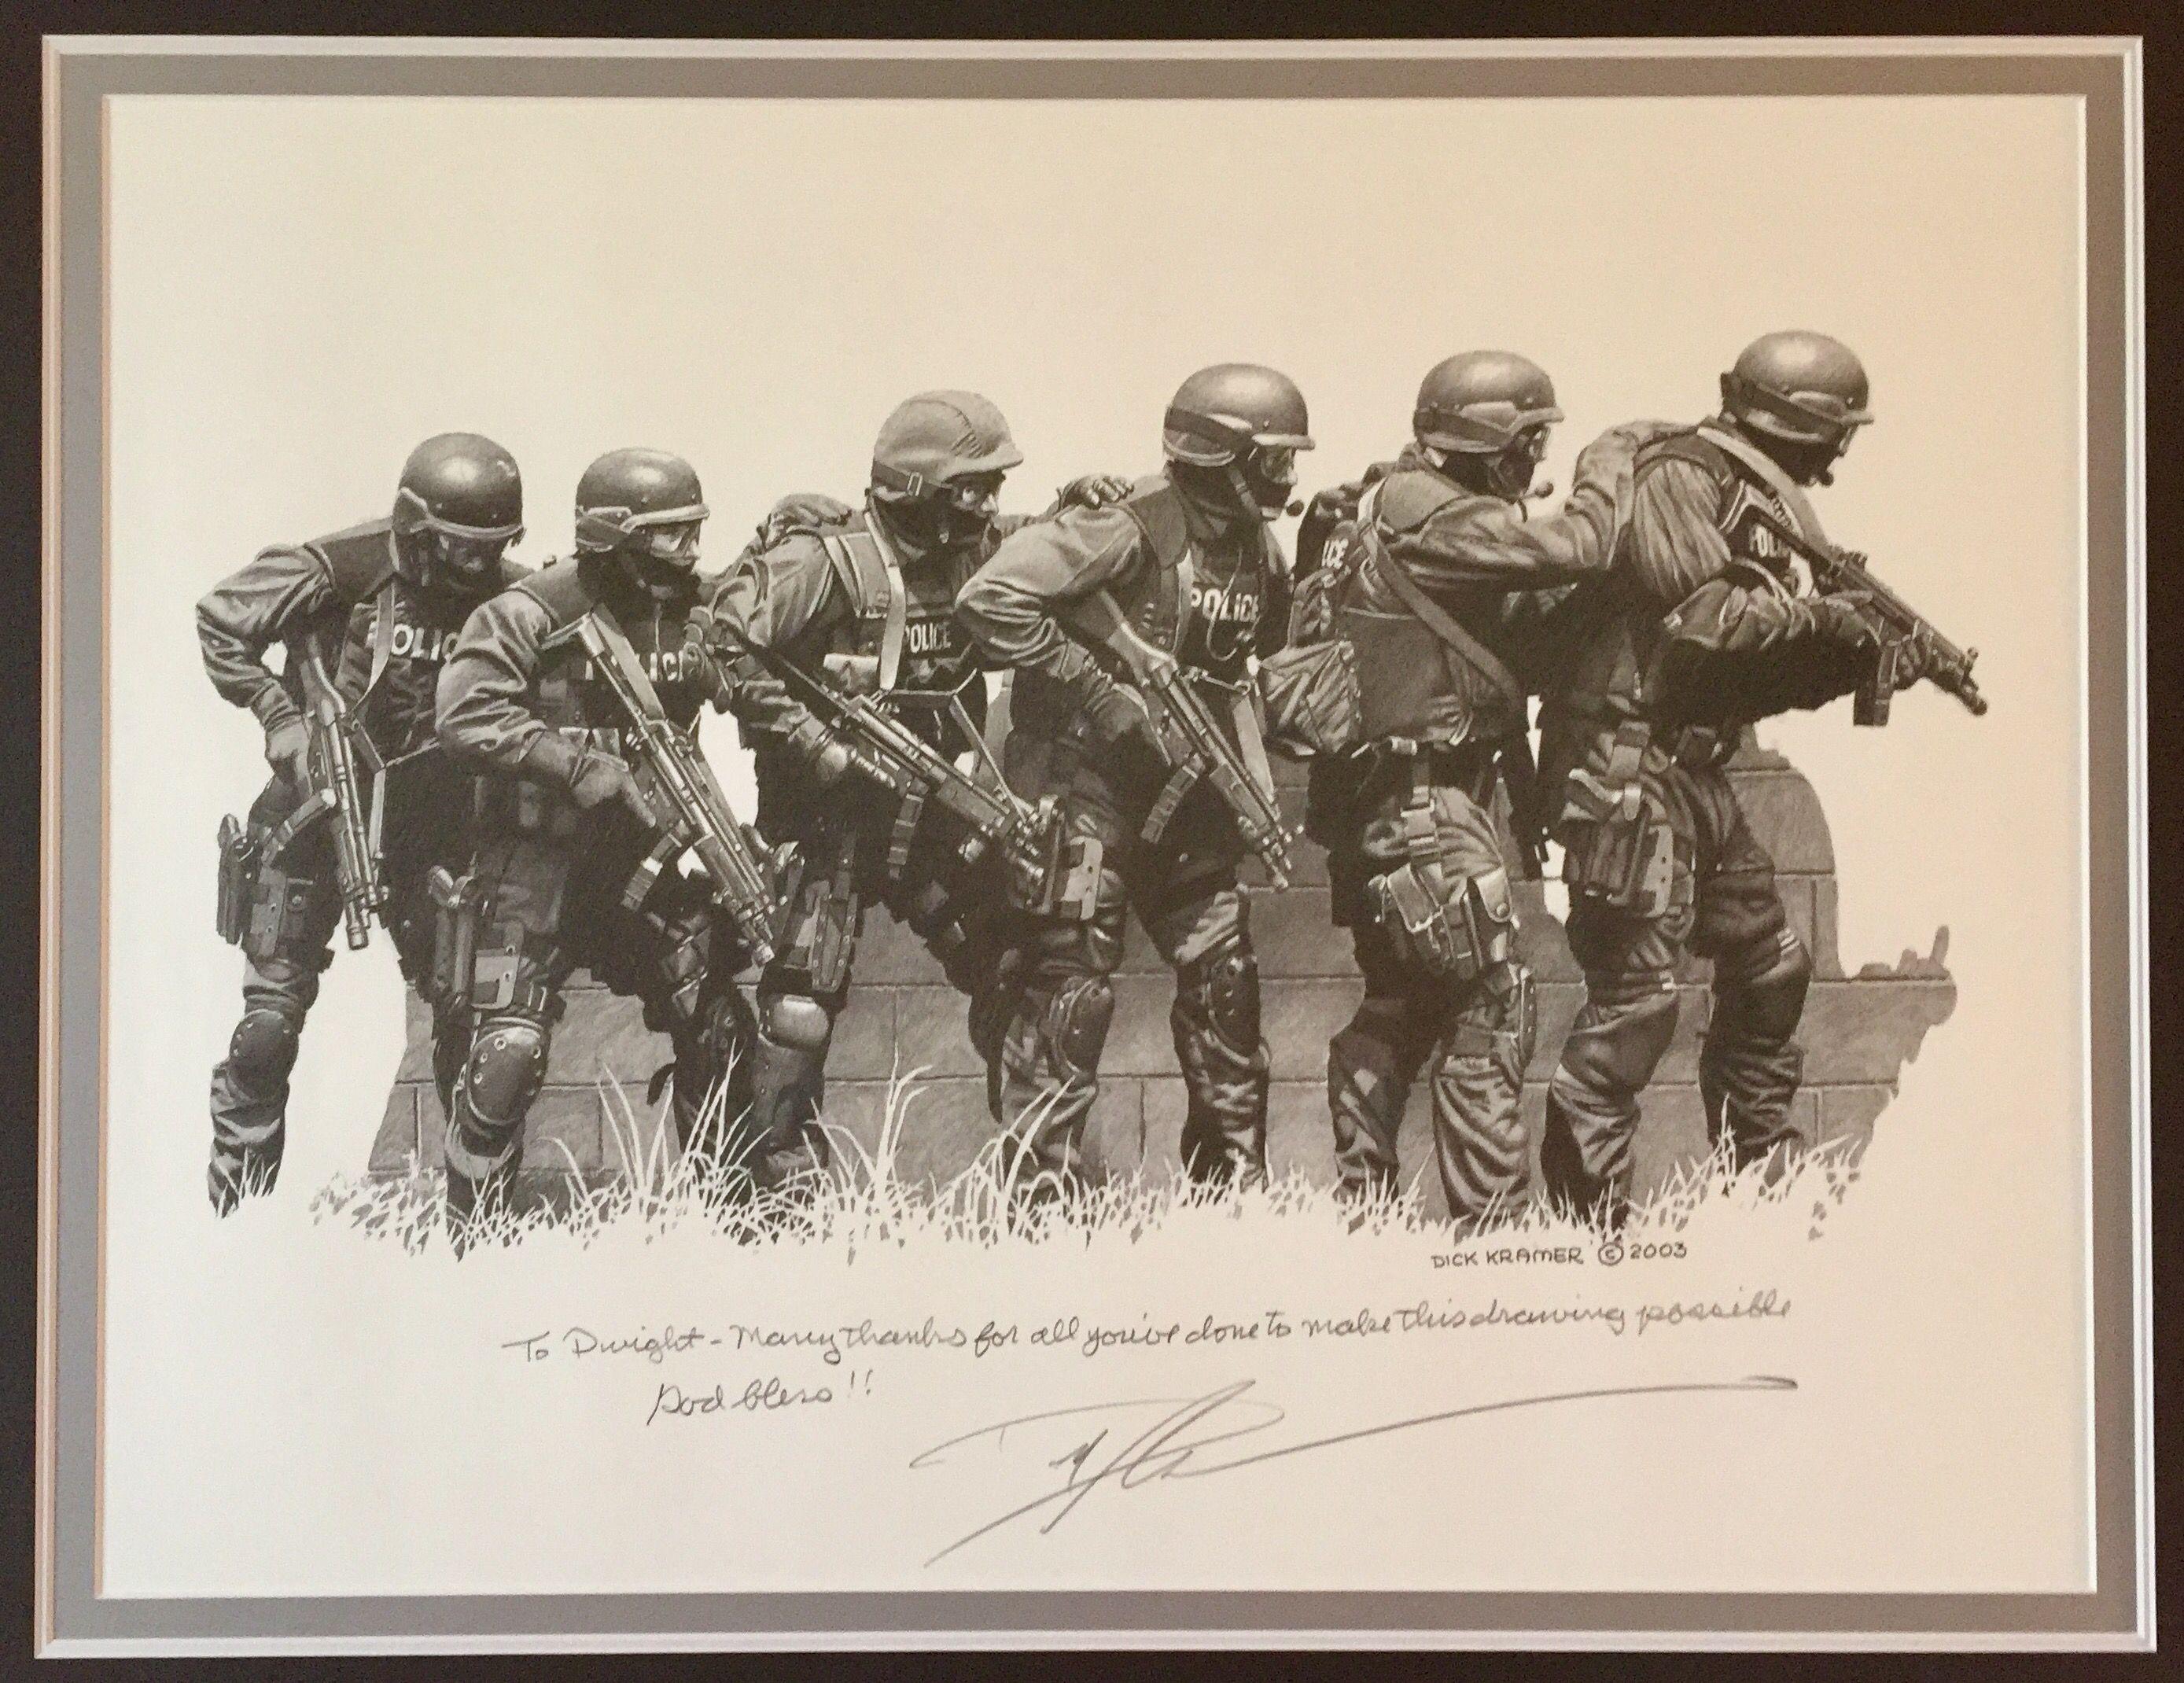 Tactical Artist Dick Kramer -